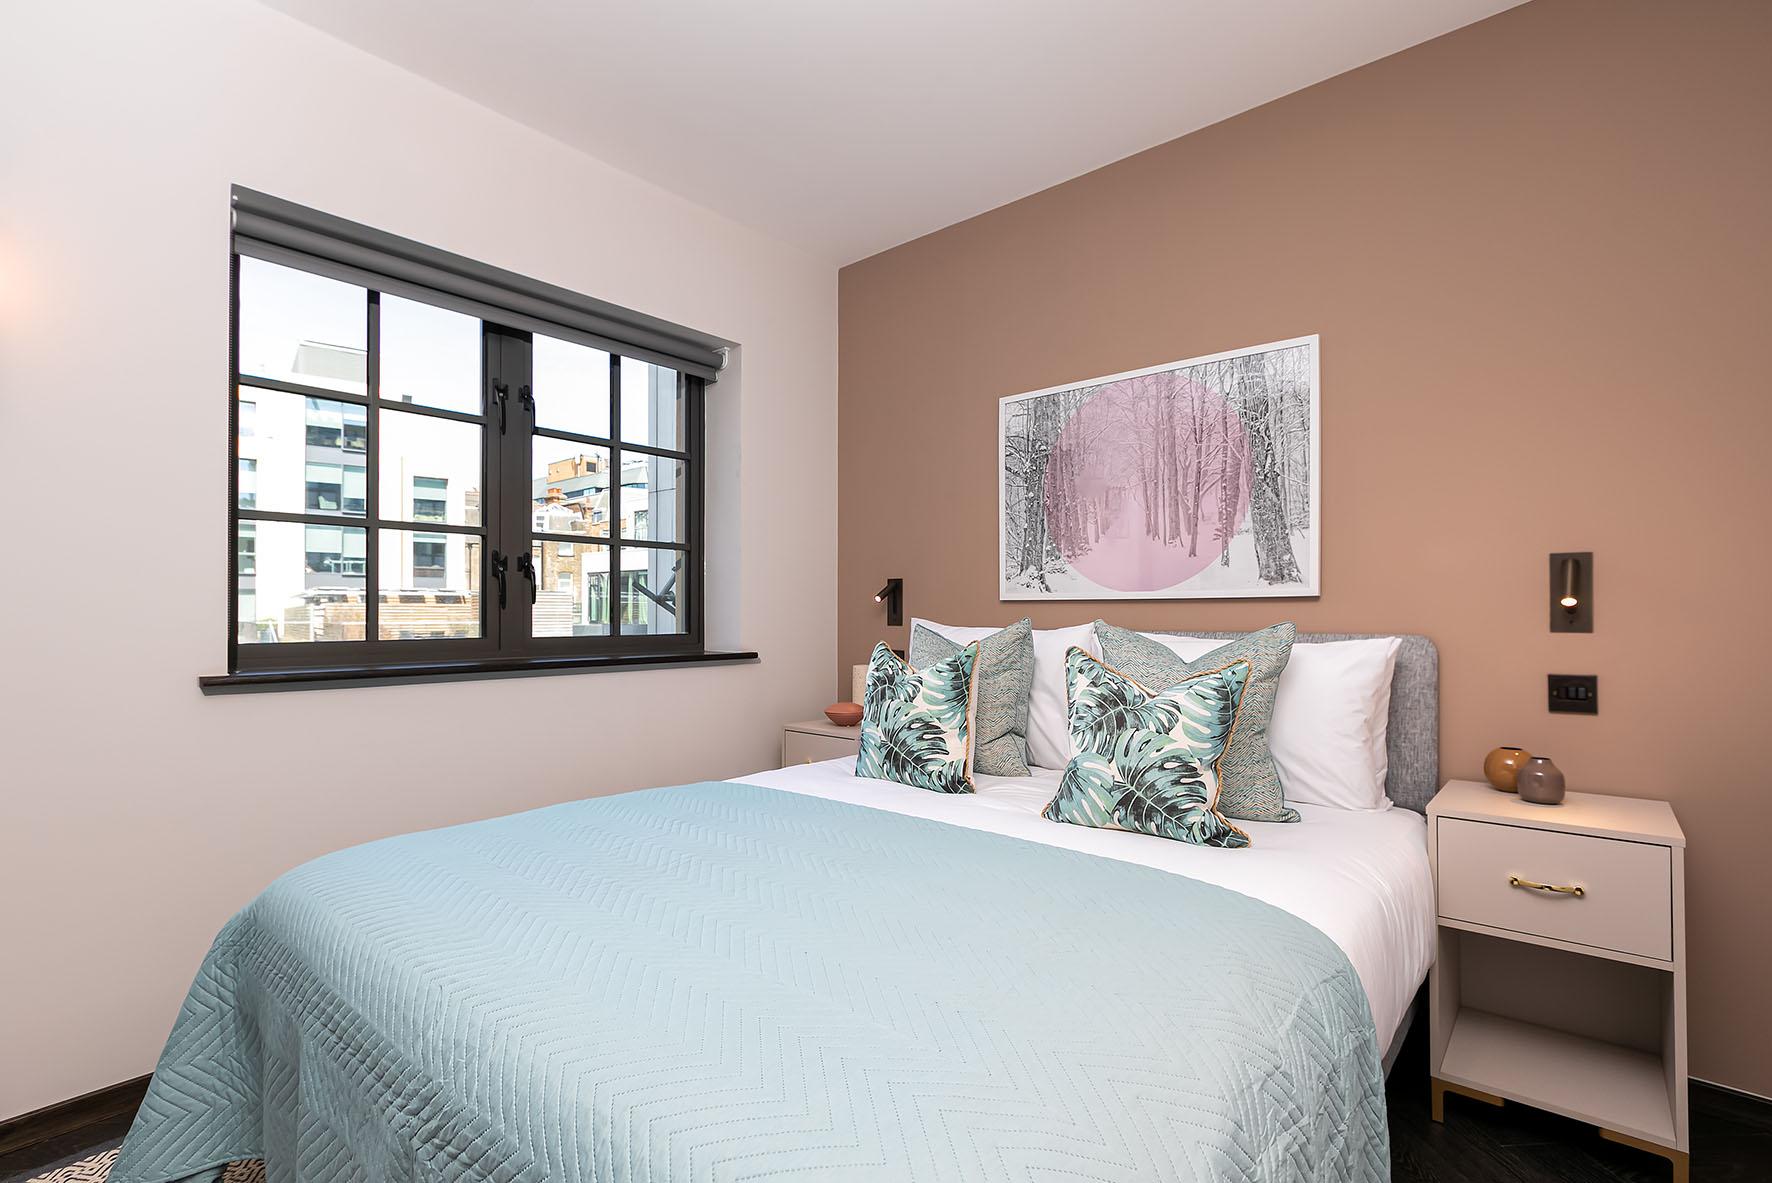 Lovelydays luxury service apartment rental - London - Soho - Oxford Street V - Lovelysuite - 1 bedrooms - 1 bathrooms - Queen bed - e29d3863da84 - Lovelydays